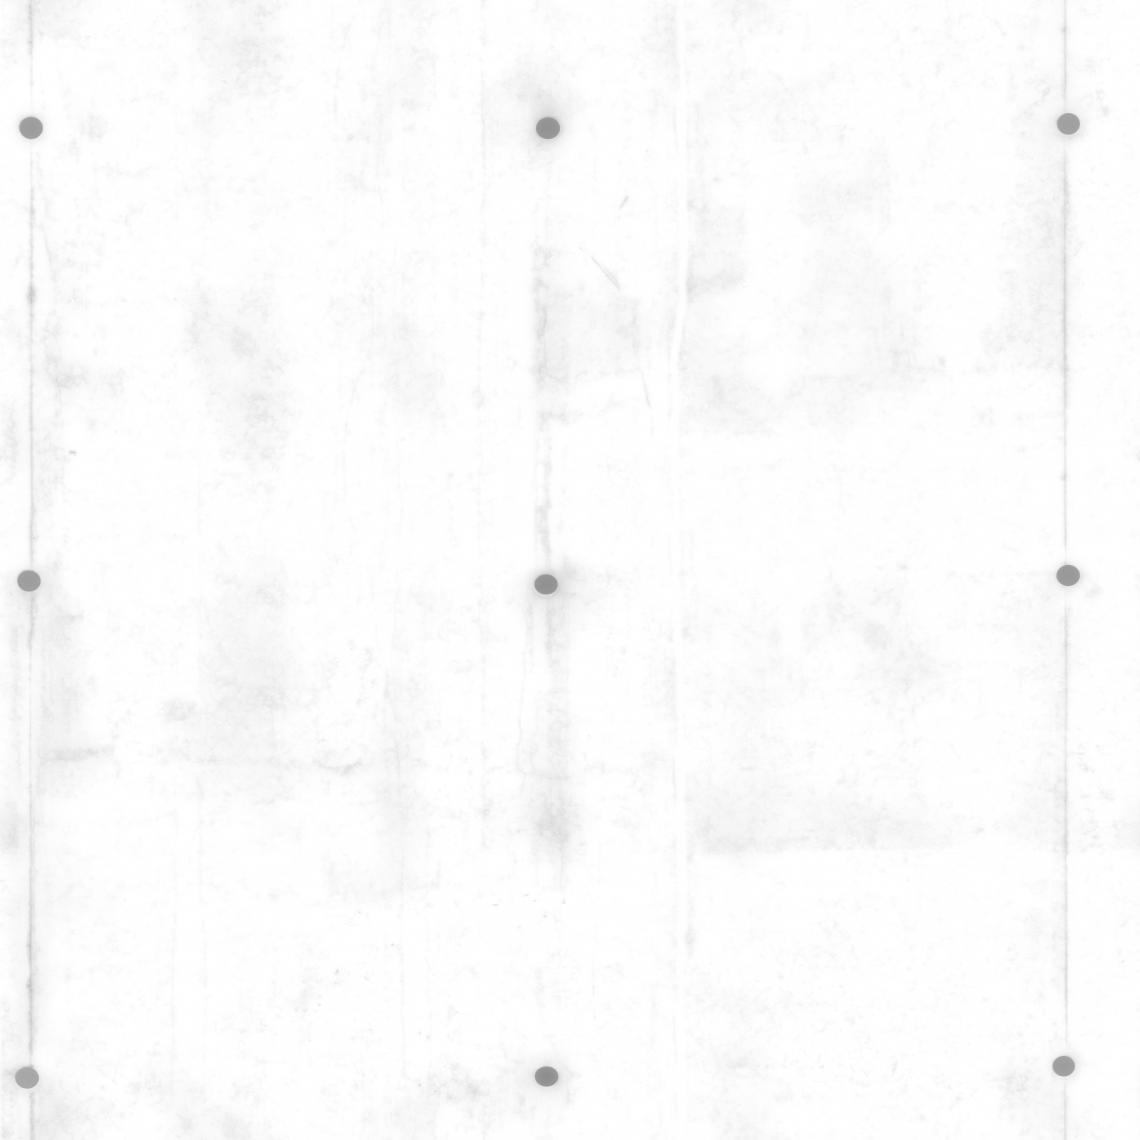 Concrete-Plain-08-Ambient-Occlusion